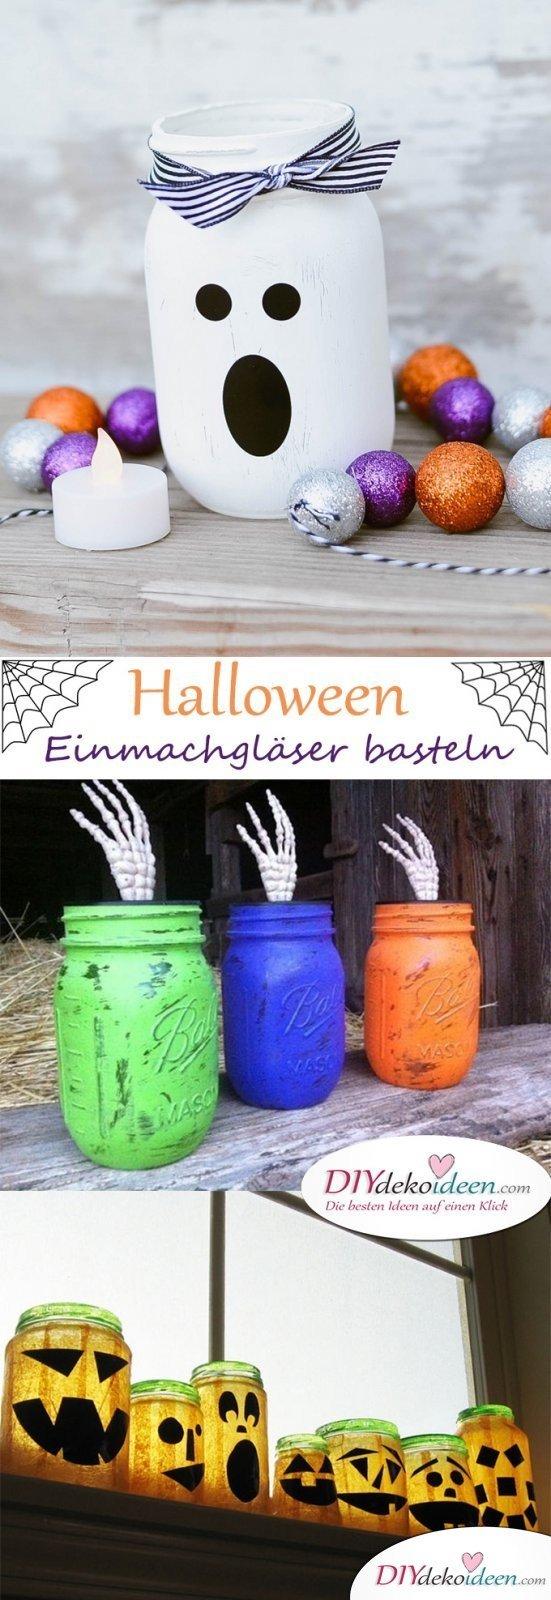 Gruselige Halloween Einmachgläser basteln - Die besten DIY Bastelideen